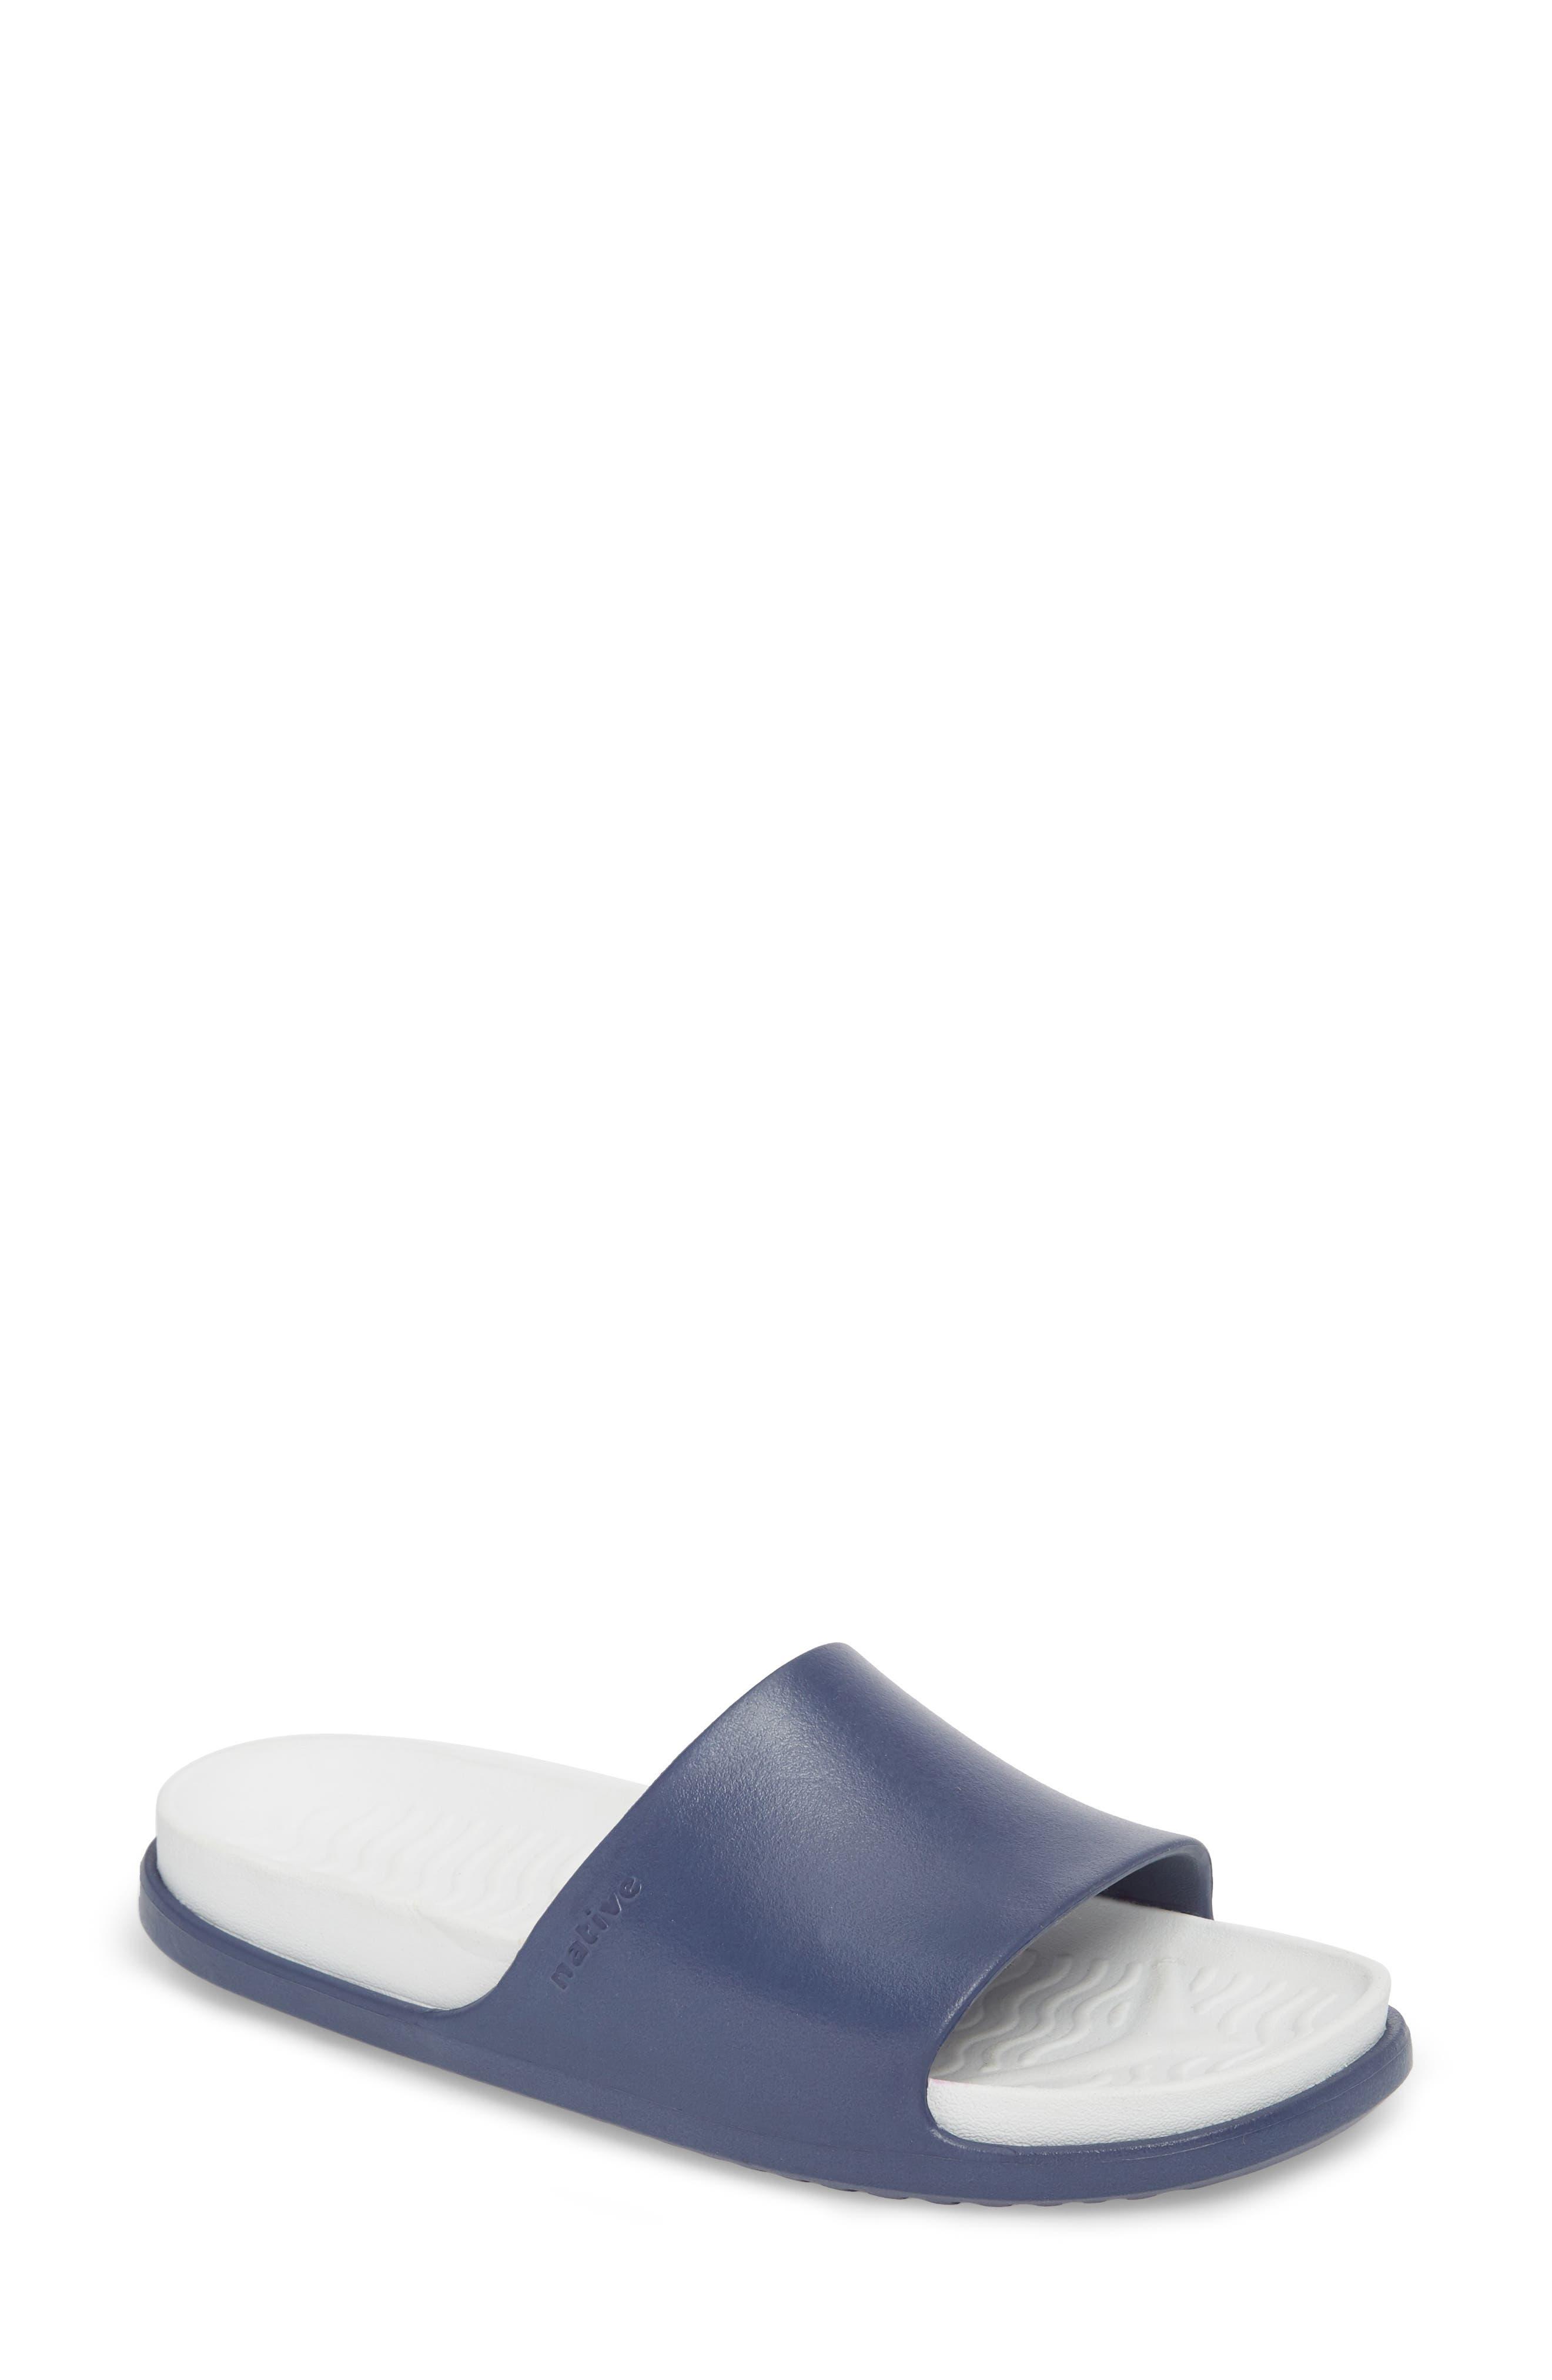 Spencer LX Sport Slide,                         Main,                         color, Regatta Blue/ Shell White